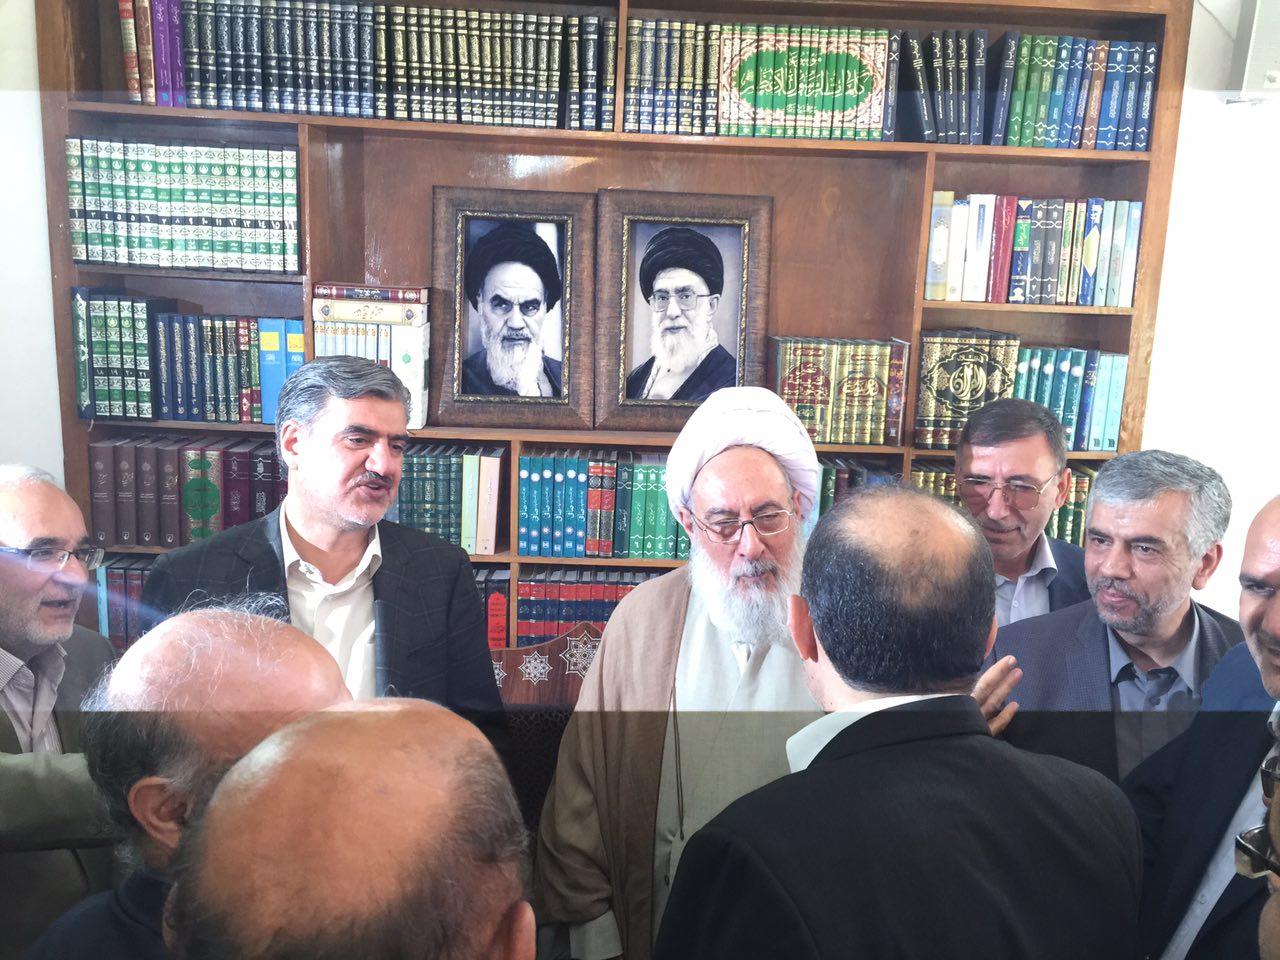 گزارش تصویری سفر اعضای کمیسیون اجتماعی مجلس به استان آذربایجان شرقی